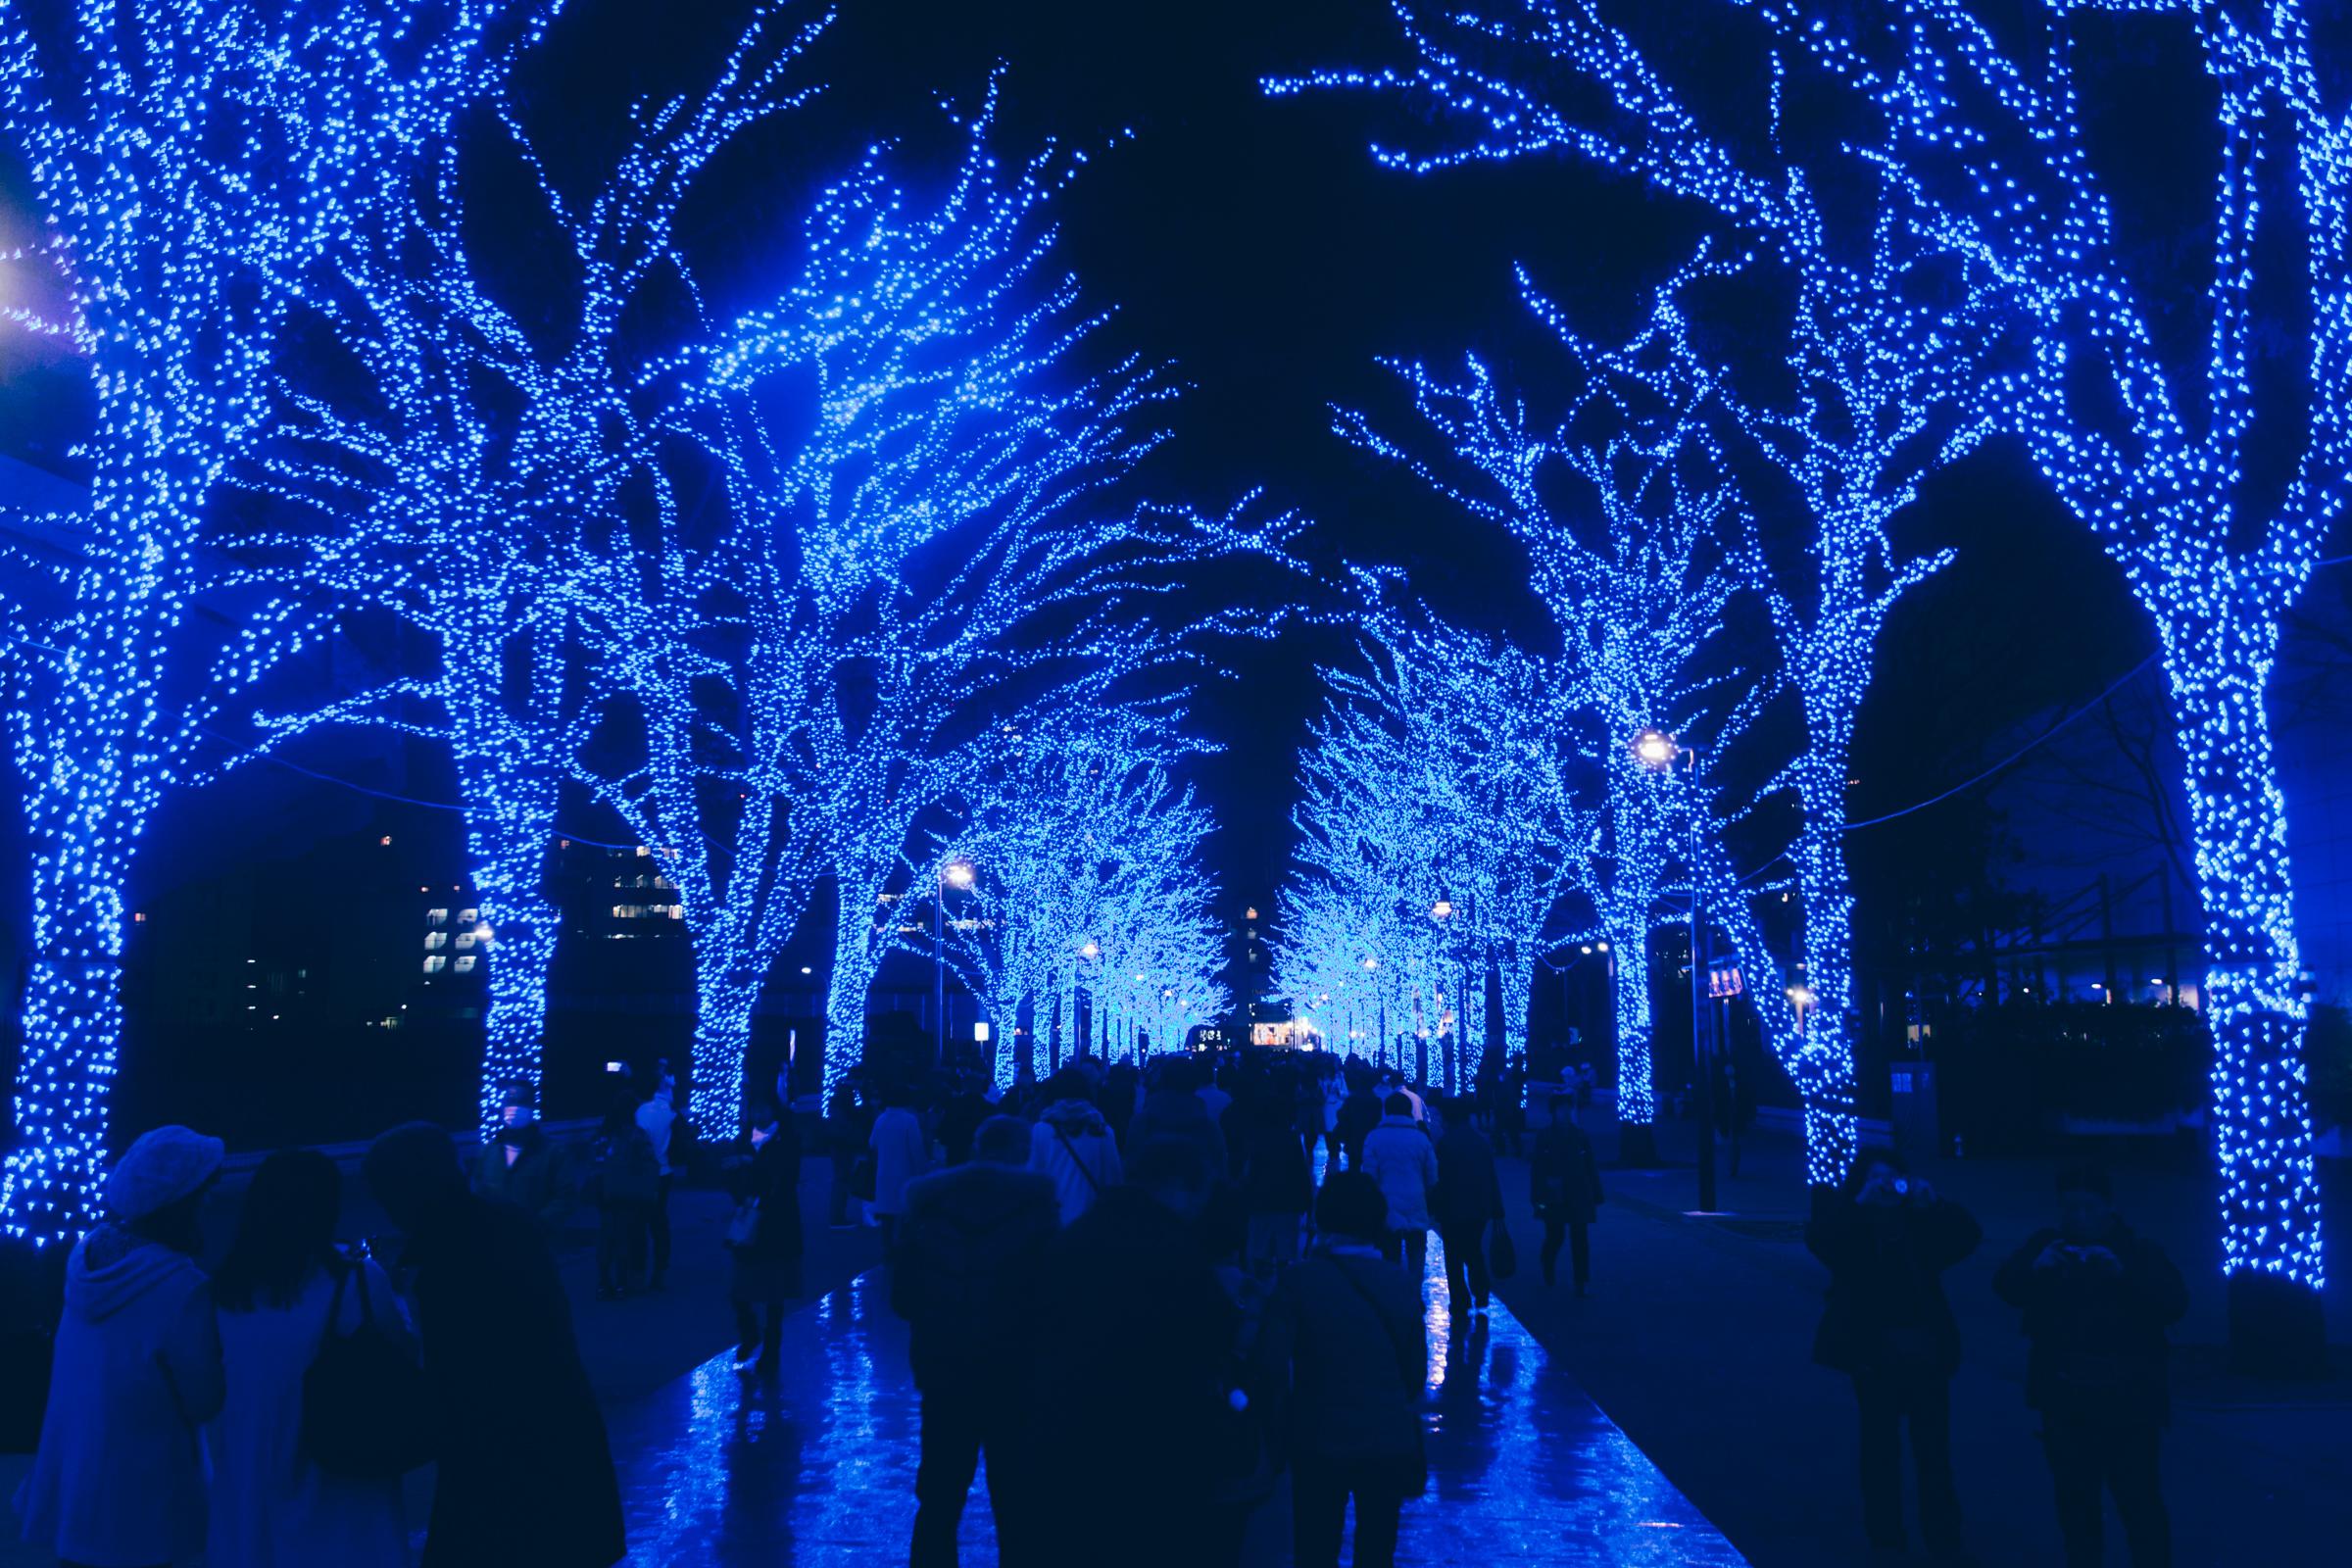 青の洞窟 SHIBUYAが2017年も開催決定!スナップマートに「渋谷クリスマスイルミネーション」写真を大量追加!I added stock photos Blue Grotto SHIBUYA to Snapmart!Christmas illumination Blue Grotto SHIBUYA 2017